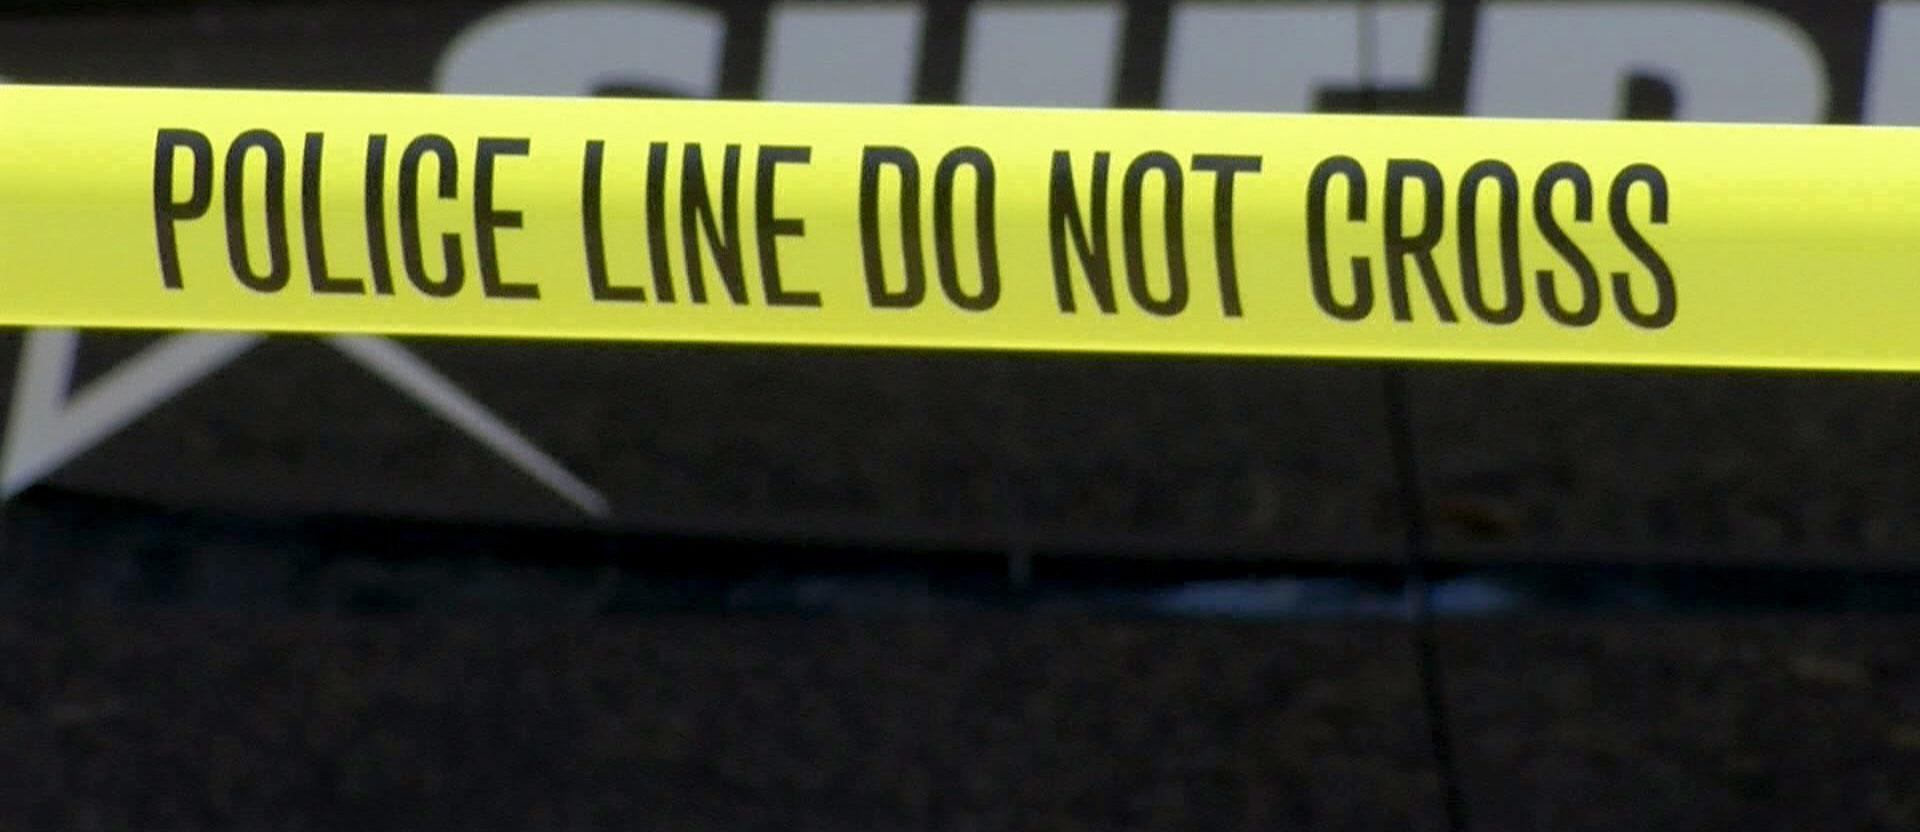 police line do not cross_1529090784507.jpg.jpg